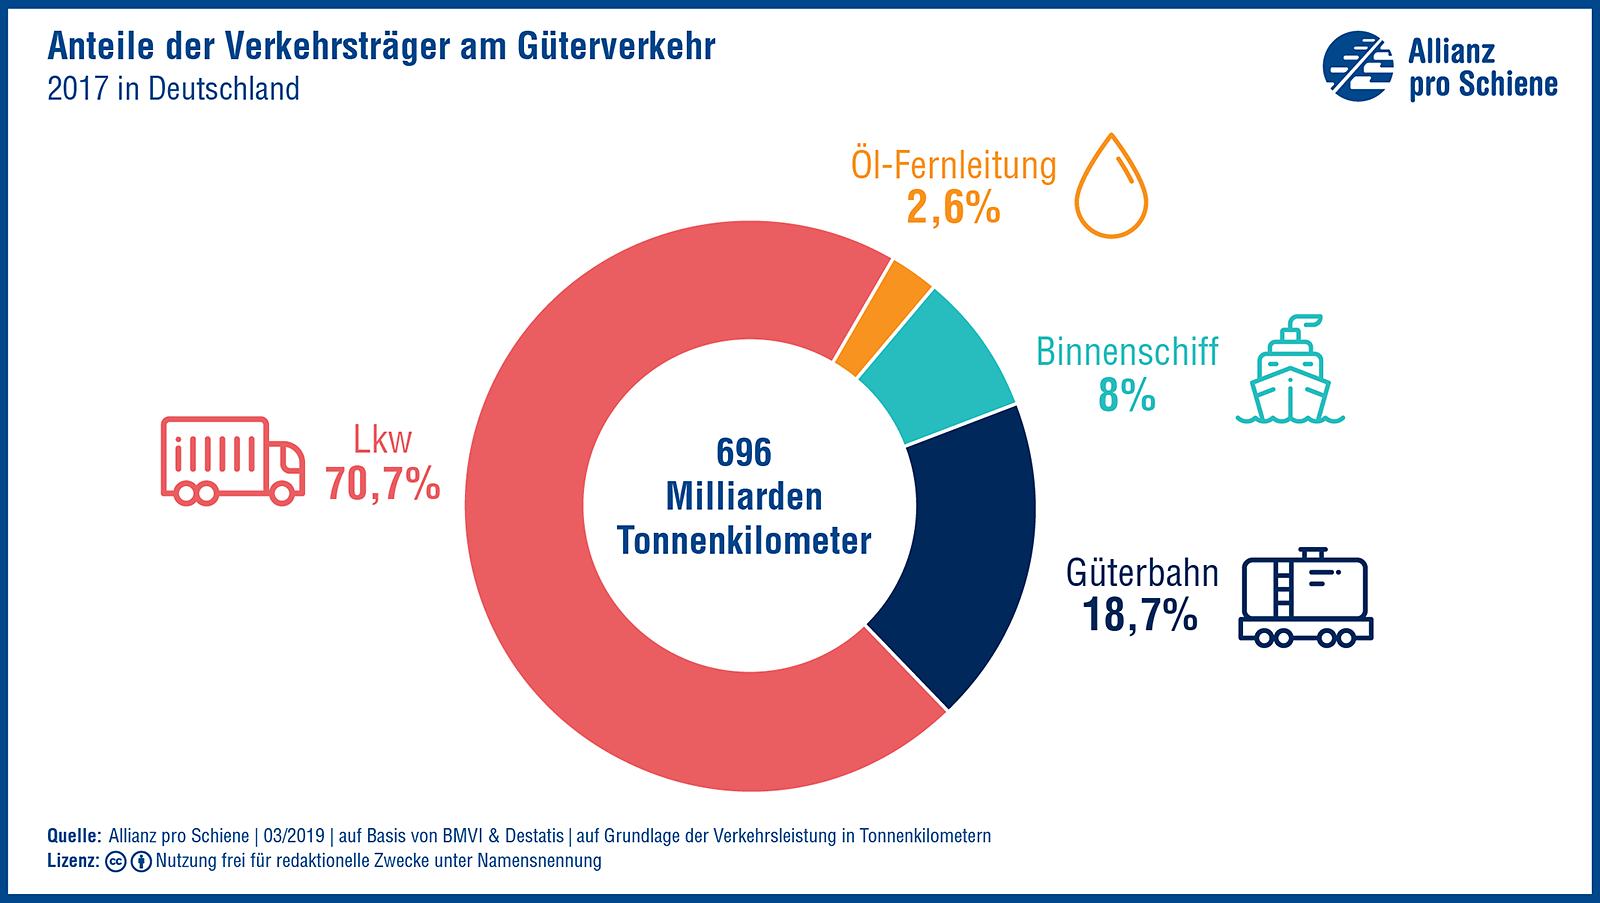 Anteile der Verkehrsträger am Güterverkehr 2017